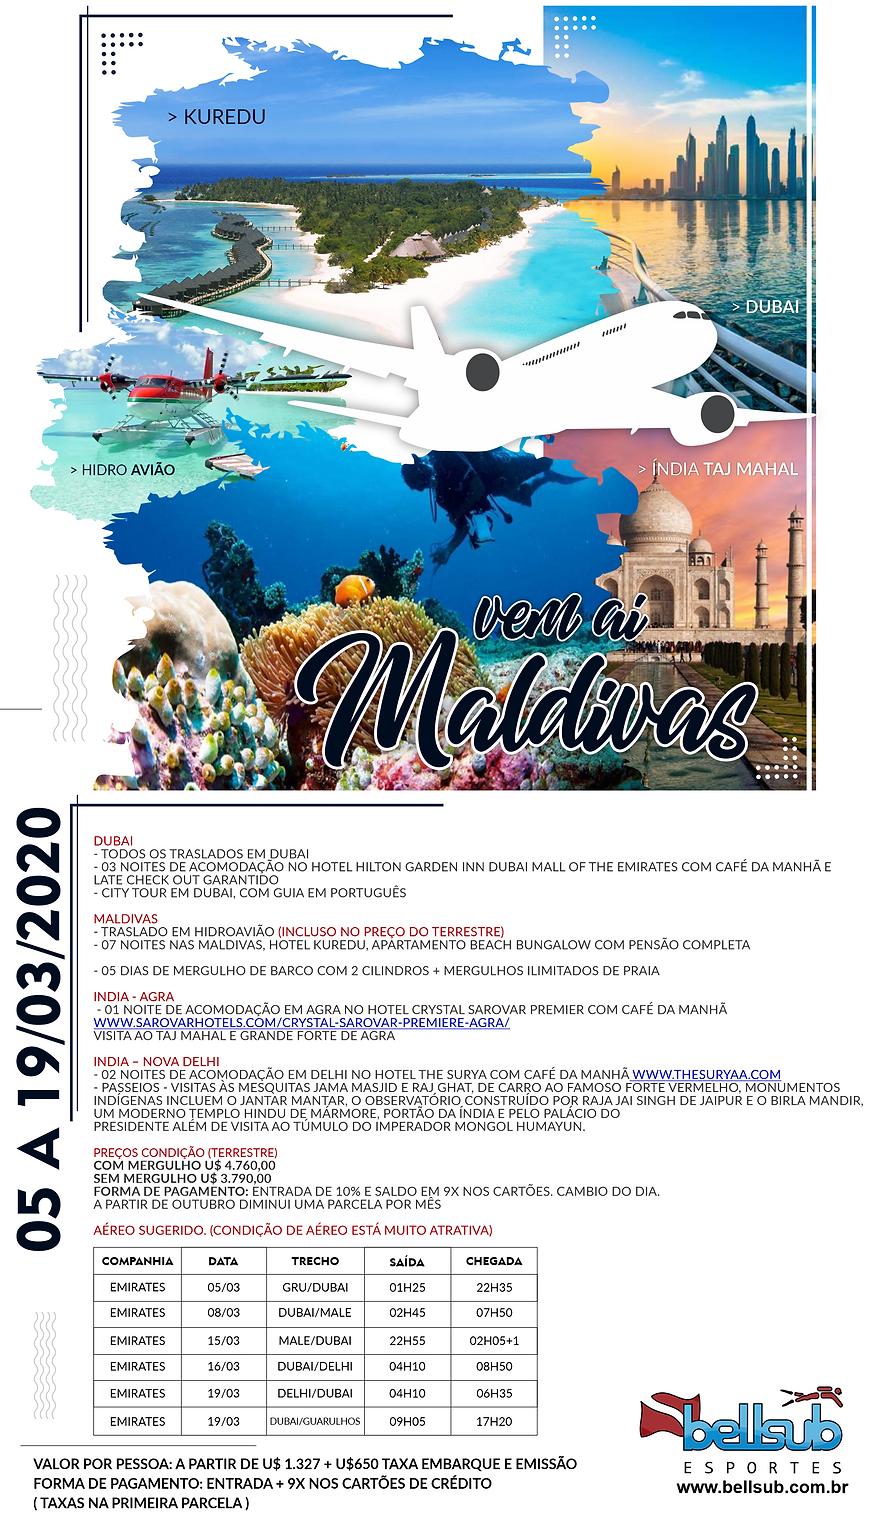 17-07_Maldivas_PREÇo.png